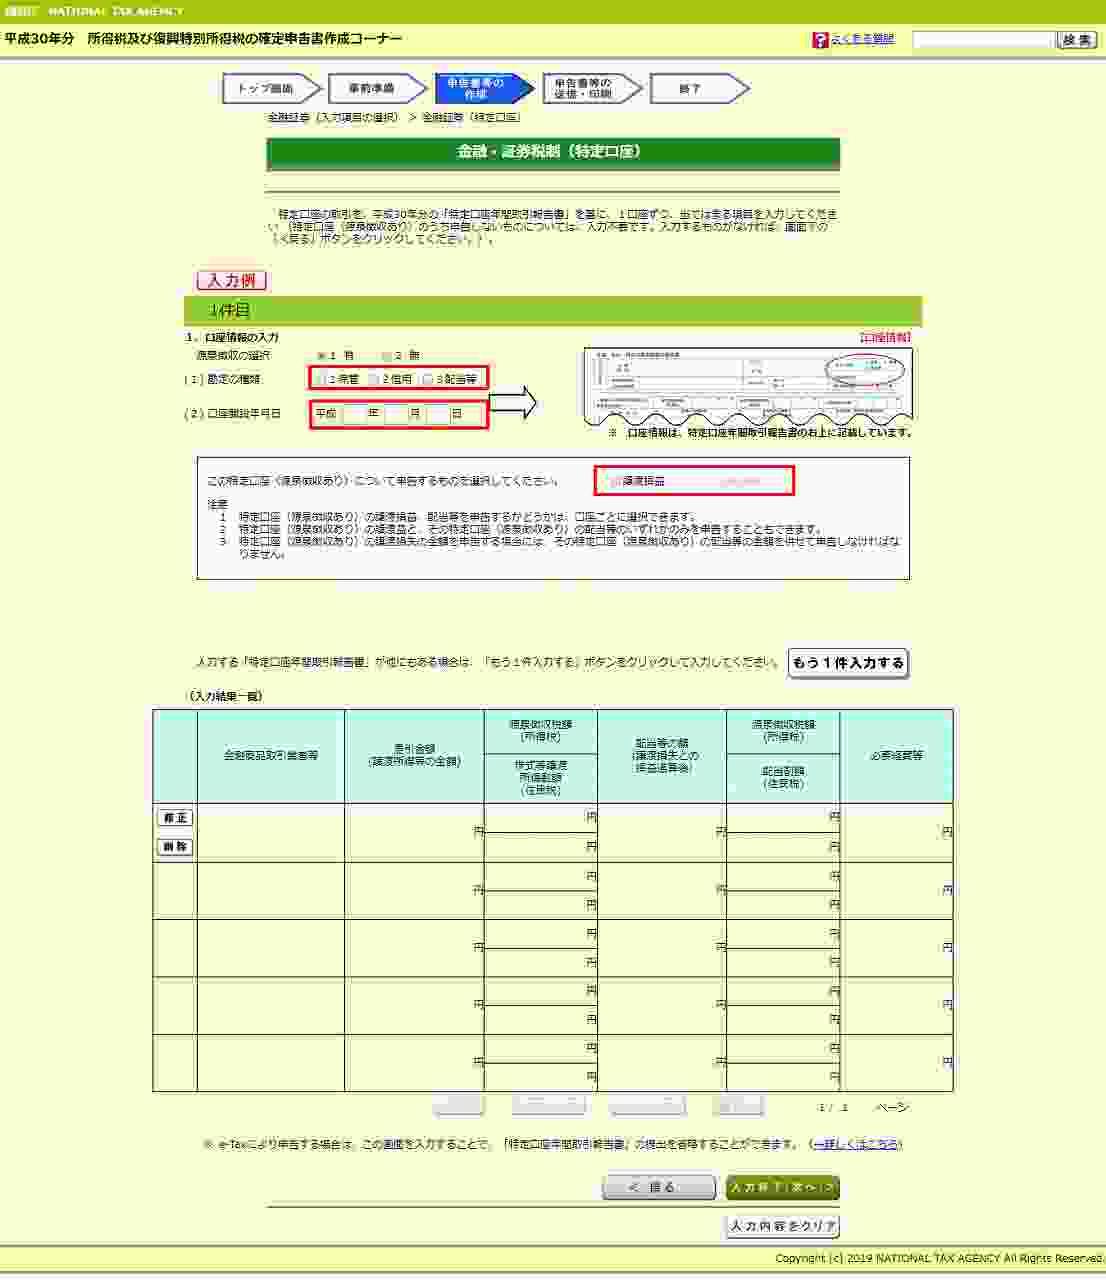 申告分離課税確定申告書作成画面6